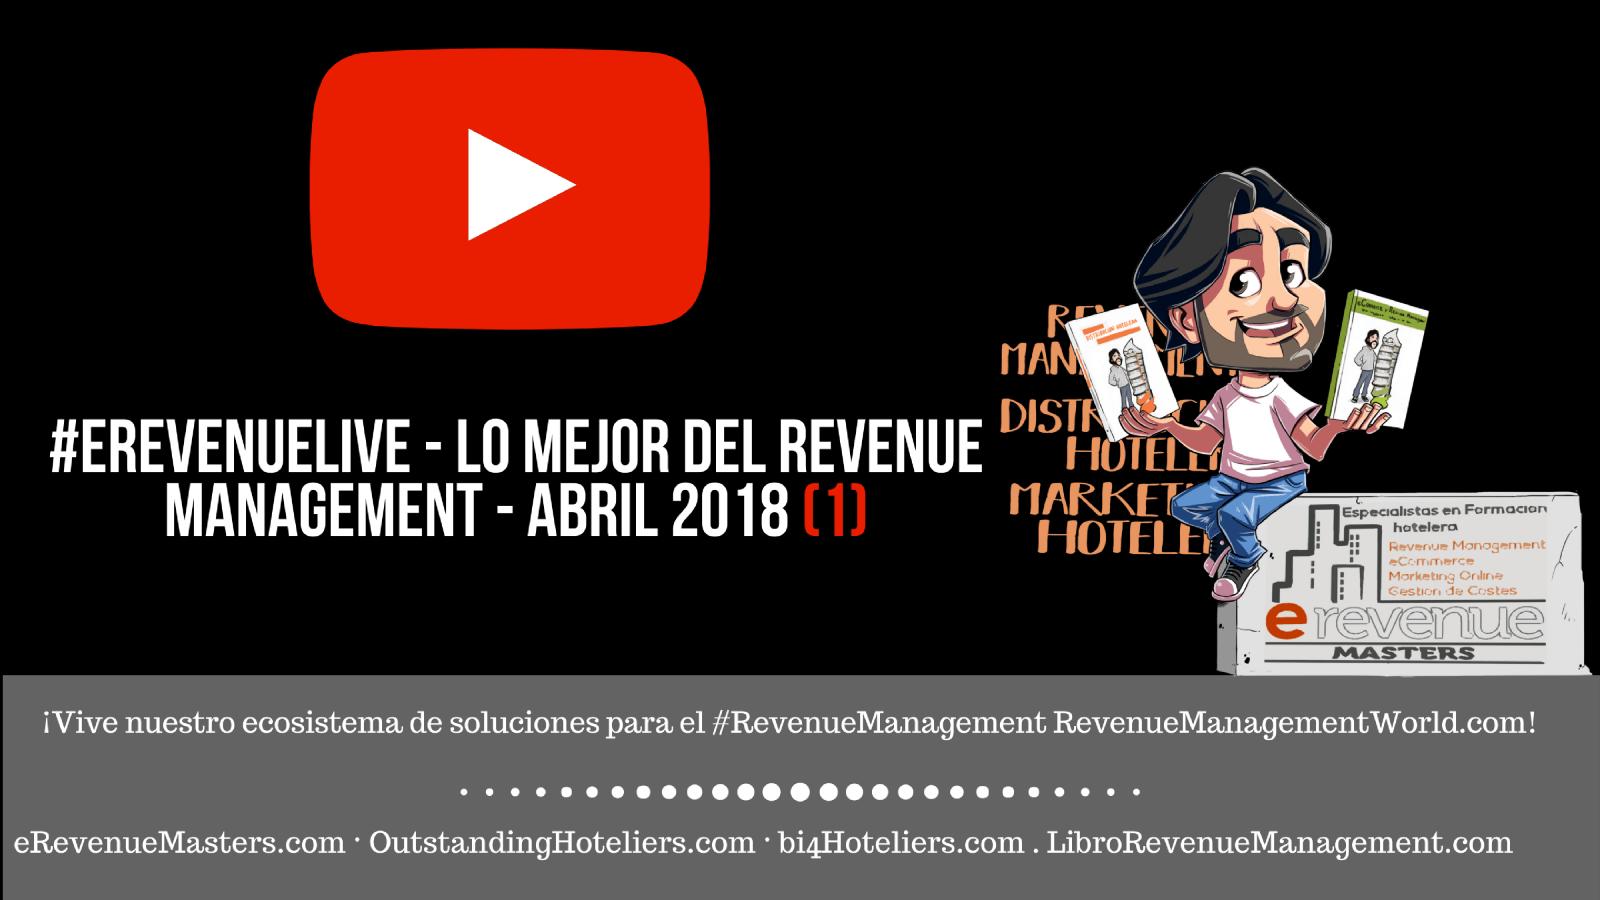 (video & Podcast) #eRevenueLive - Lo mejor del Revenue Management - abril 2018 (3)